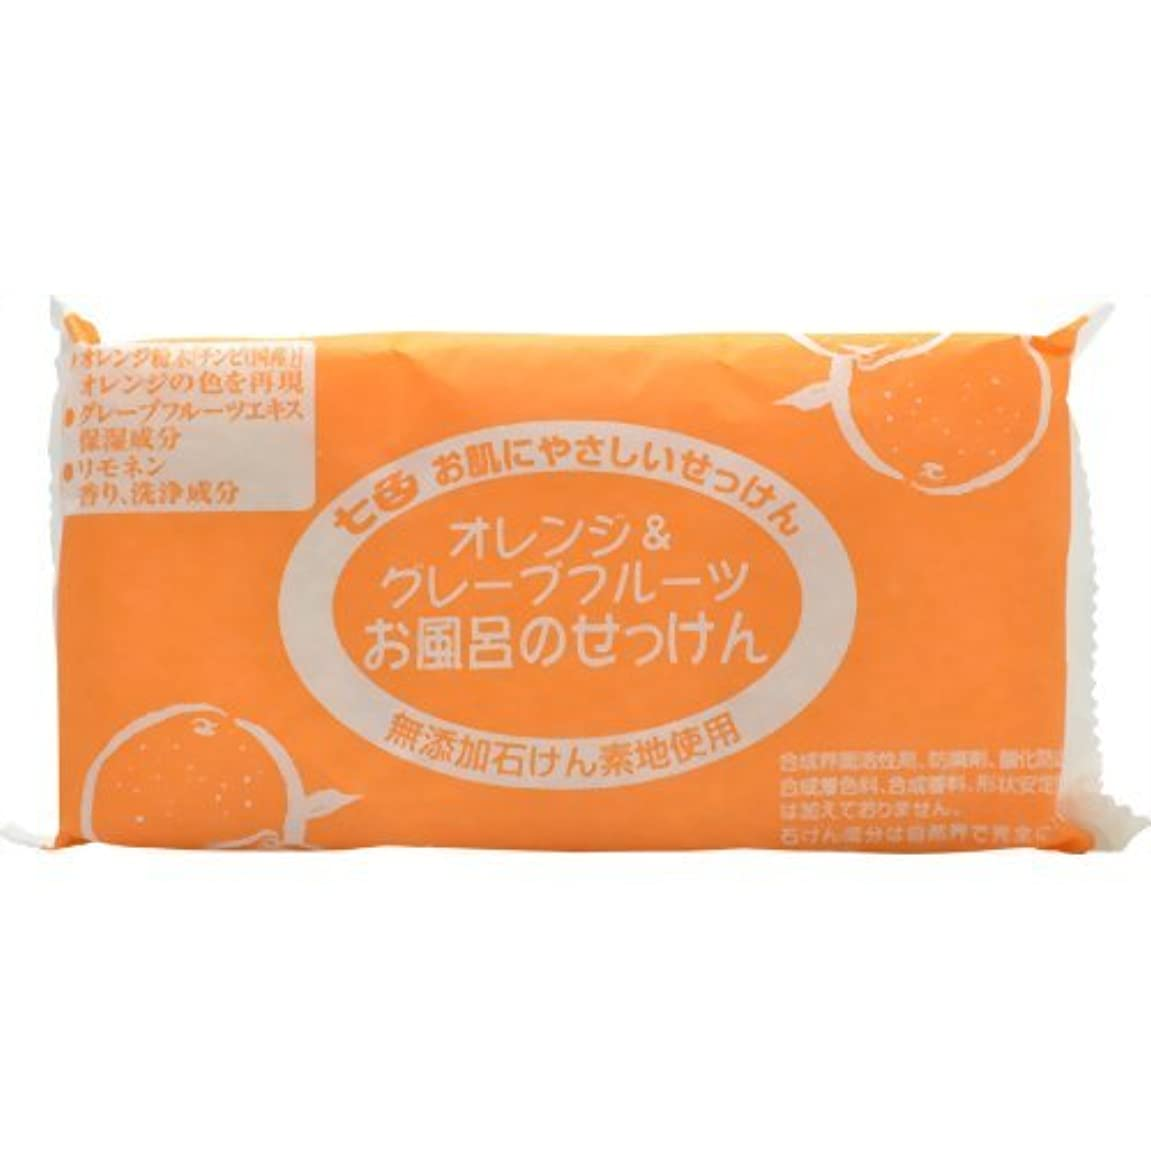 変化する差し迫った結婚したまるは オレンジ&グレープフルーツ お風呂の石鹸 3個入り